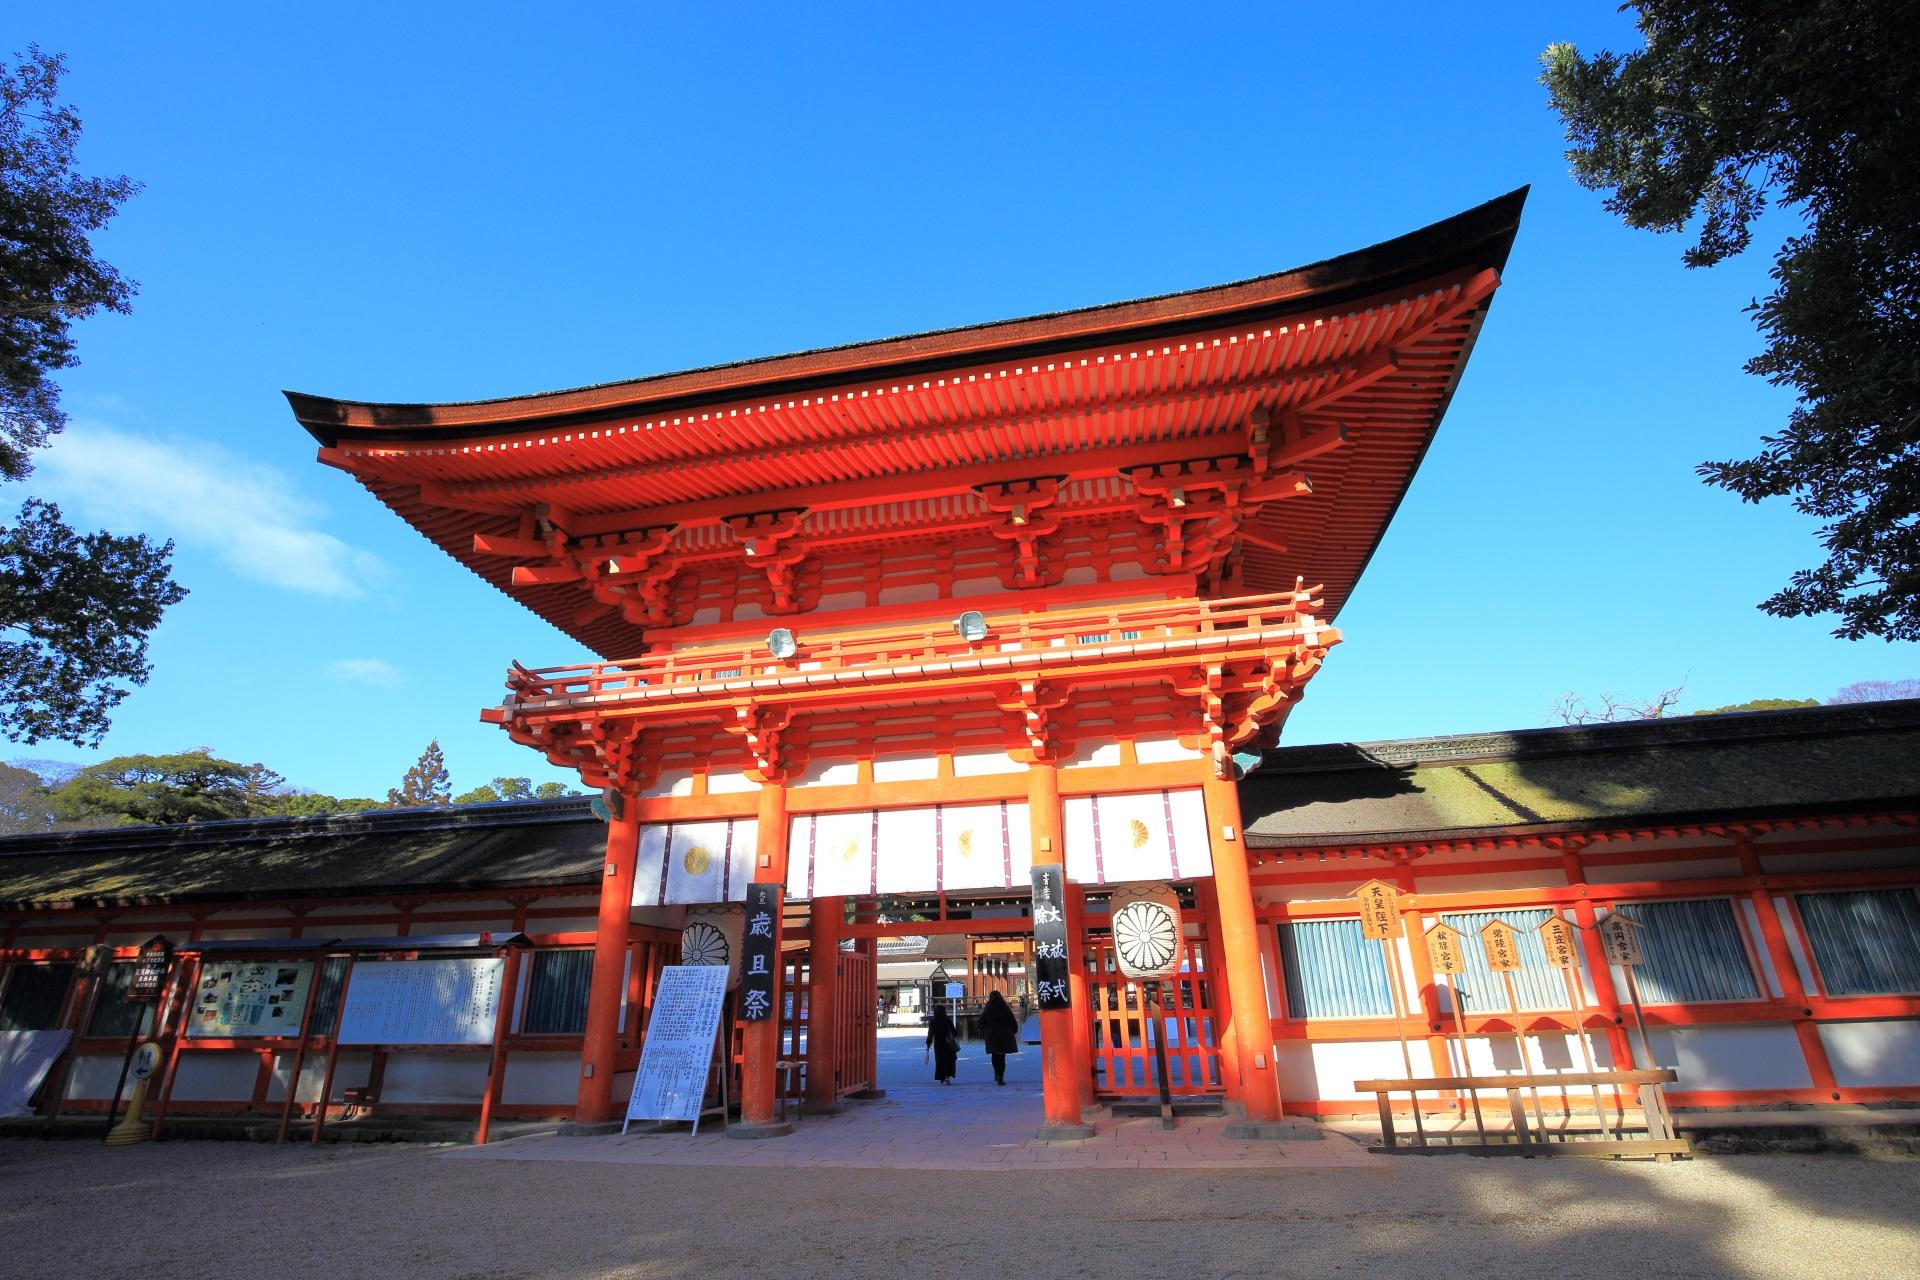 京都の世界遺産の下鴨神社の楼門